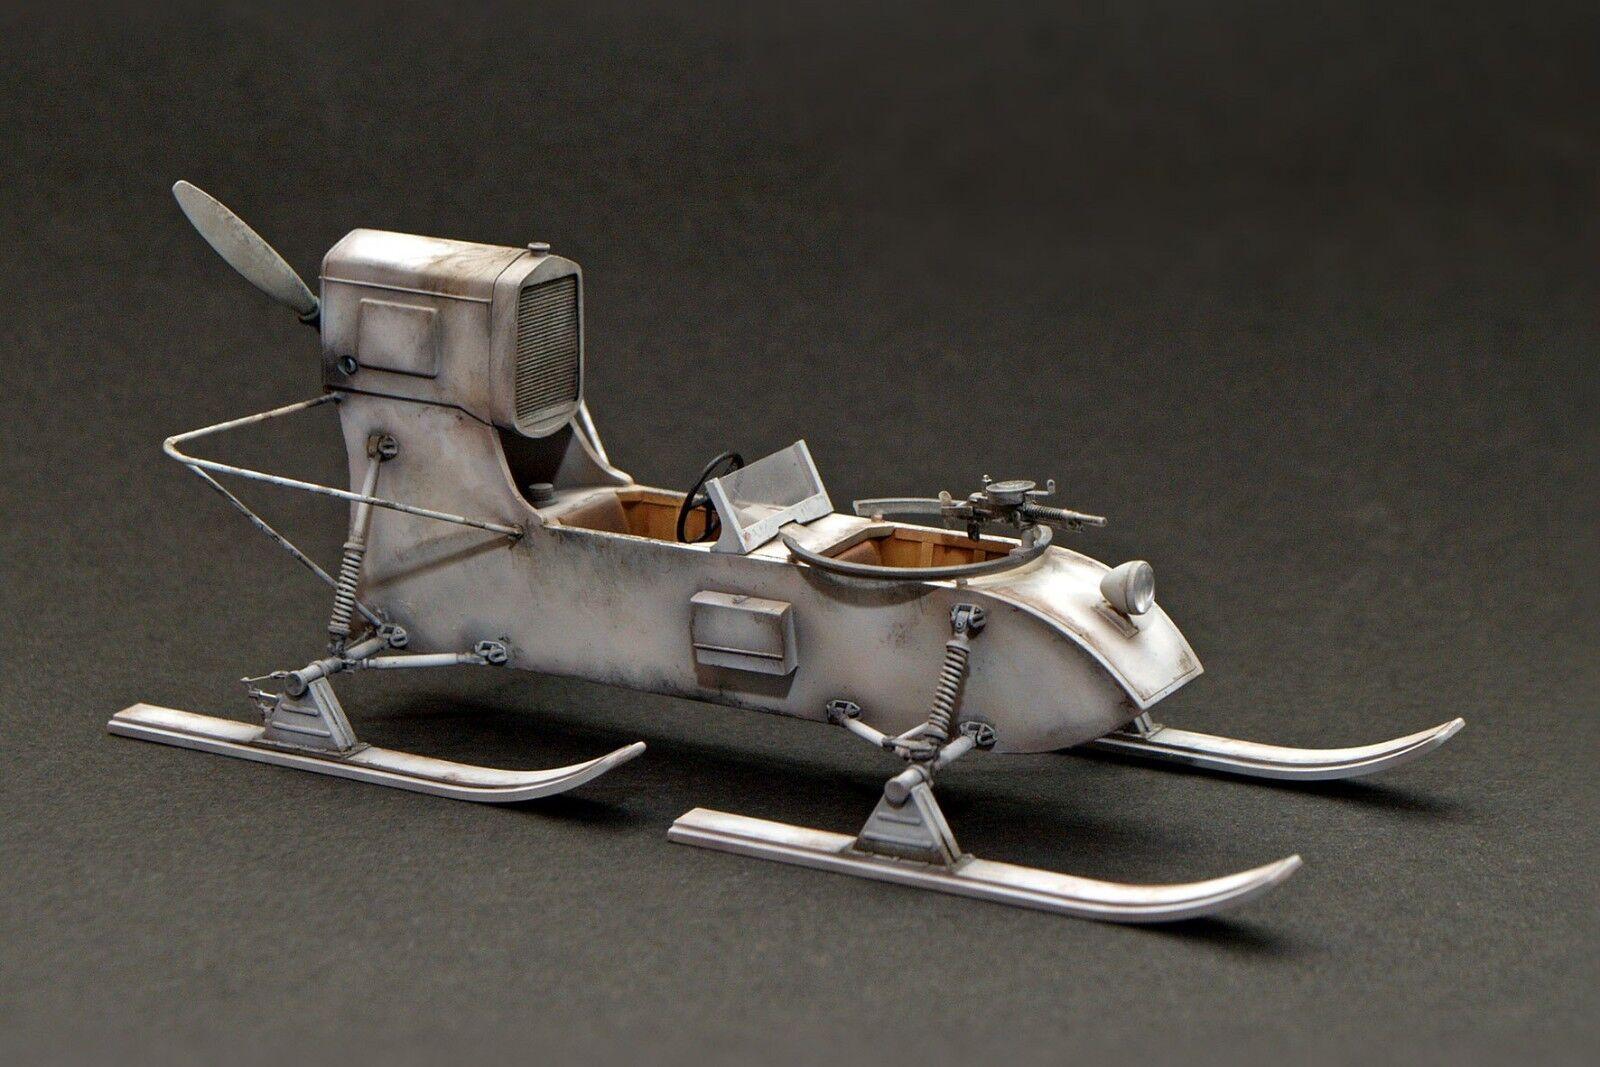 Plus modellllerl 290 Sovjet Aero -Sleight RF8 1  35 -skala hkonstsmodellllerlkit